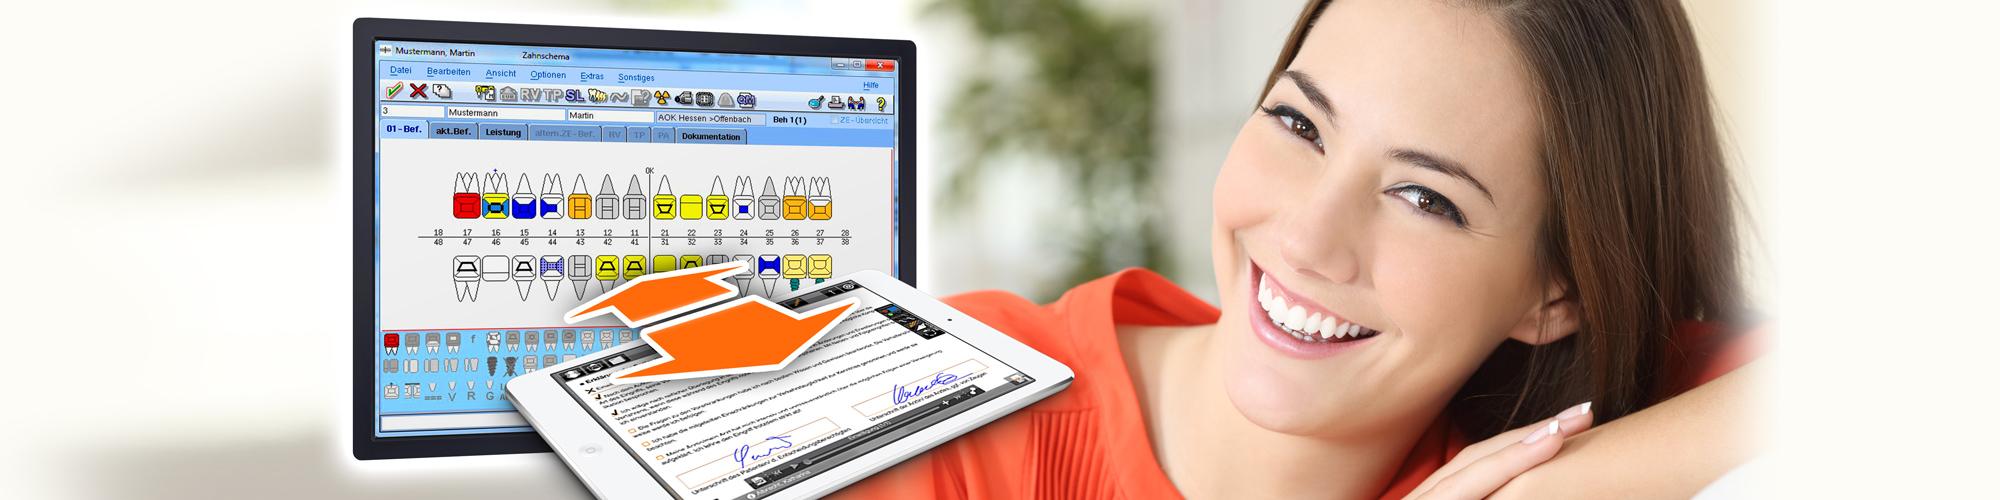 VISIdent und infoskop - BDV Branchen-Daten-Verarbeitung GmbH